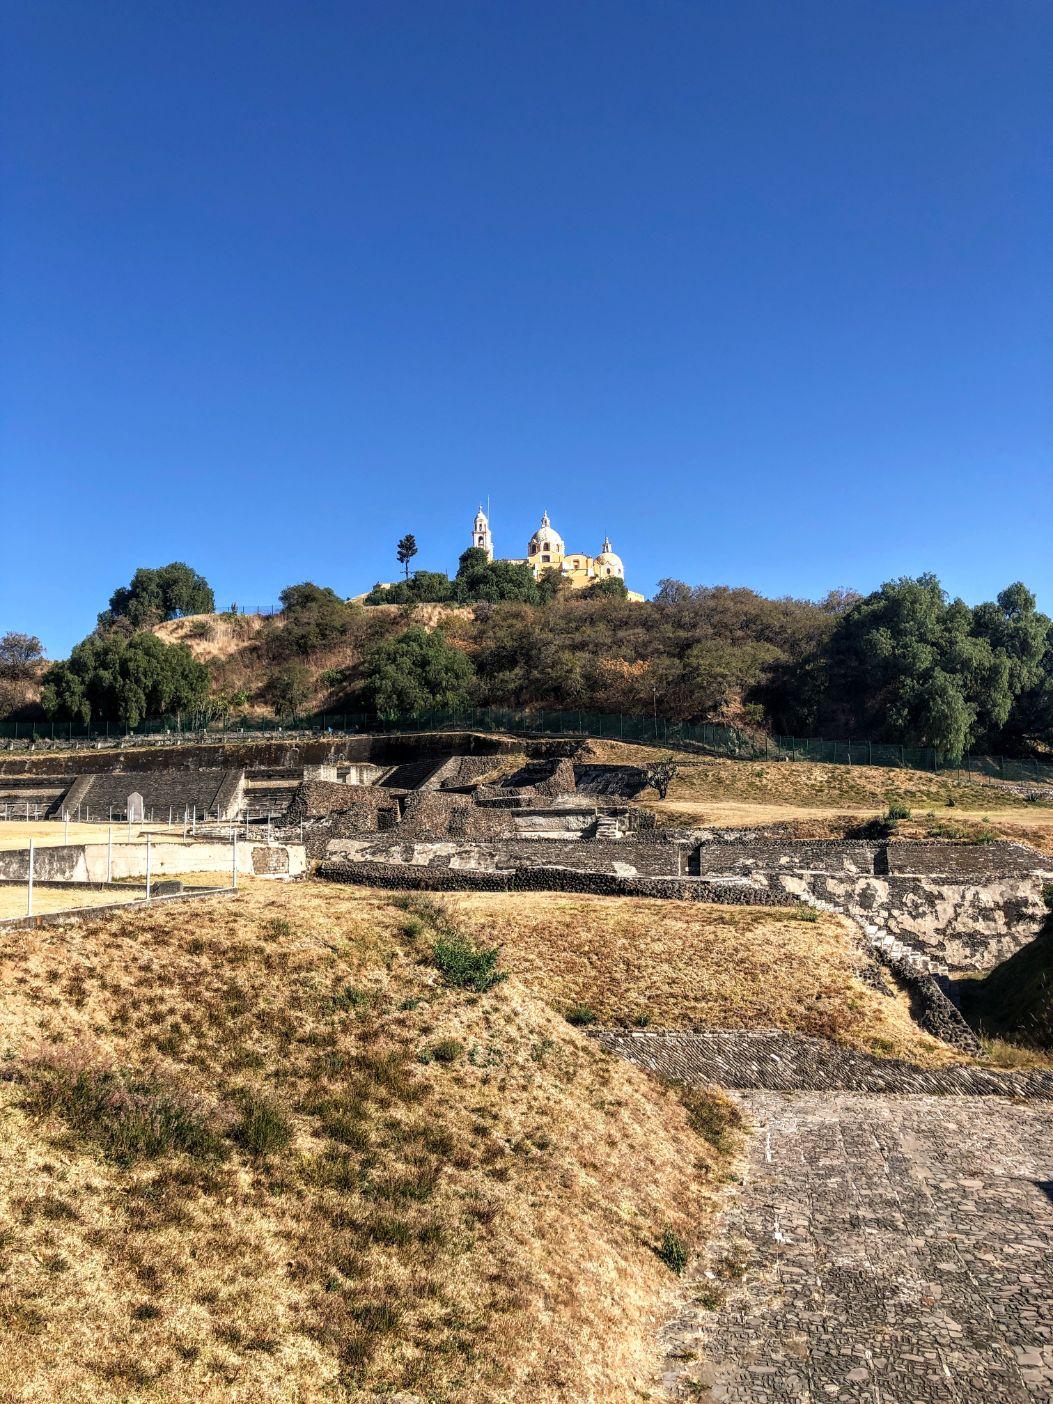 Cholula ruins at the base of the Cholula Pyramid